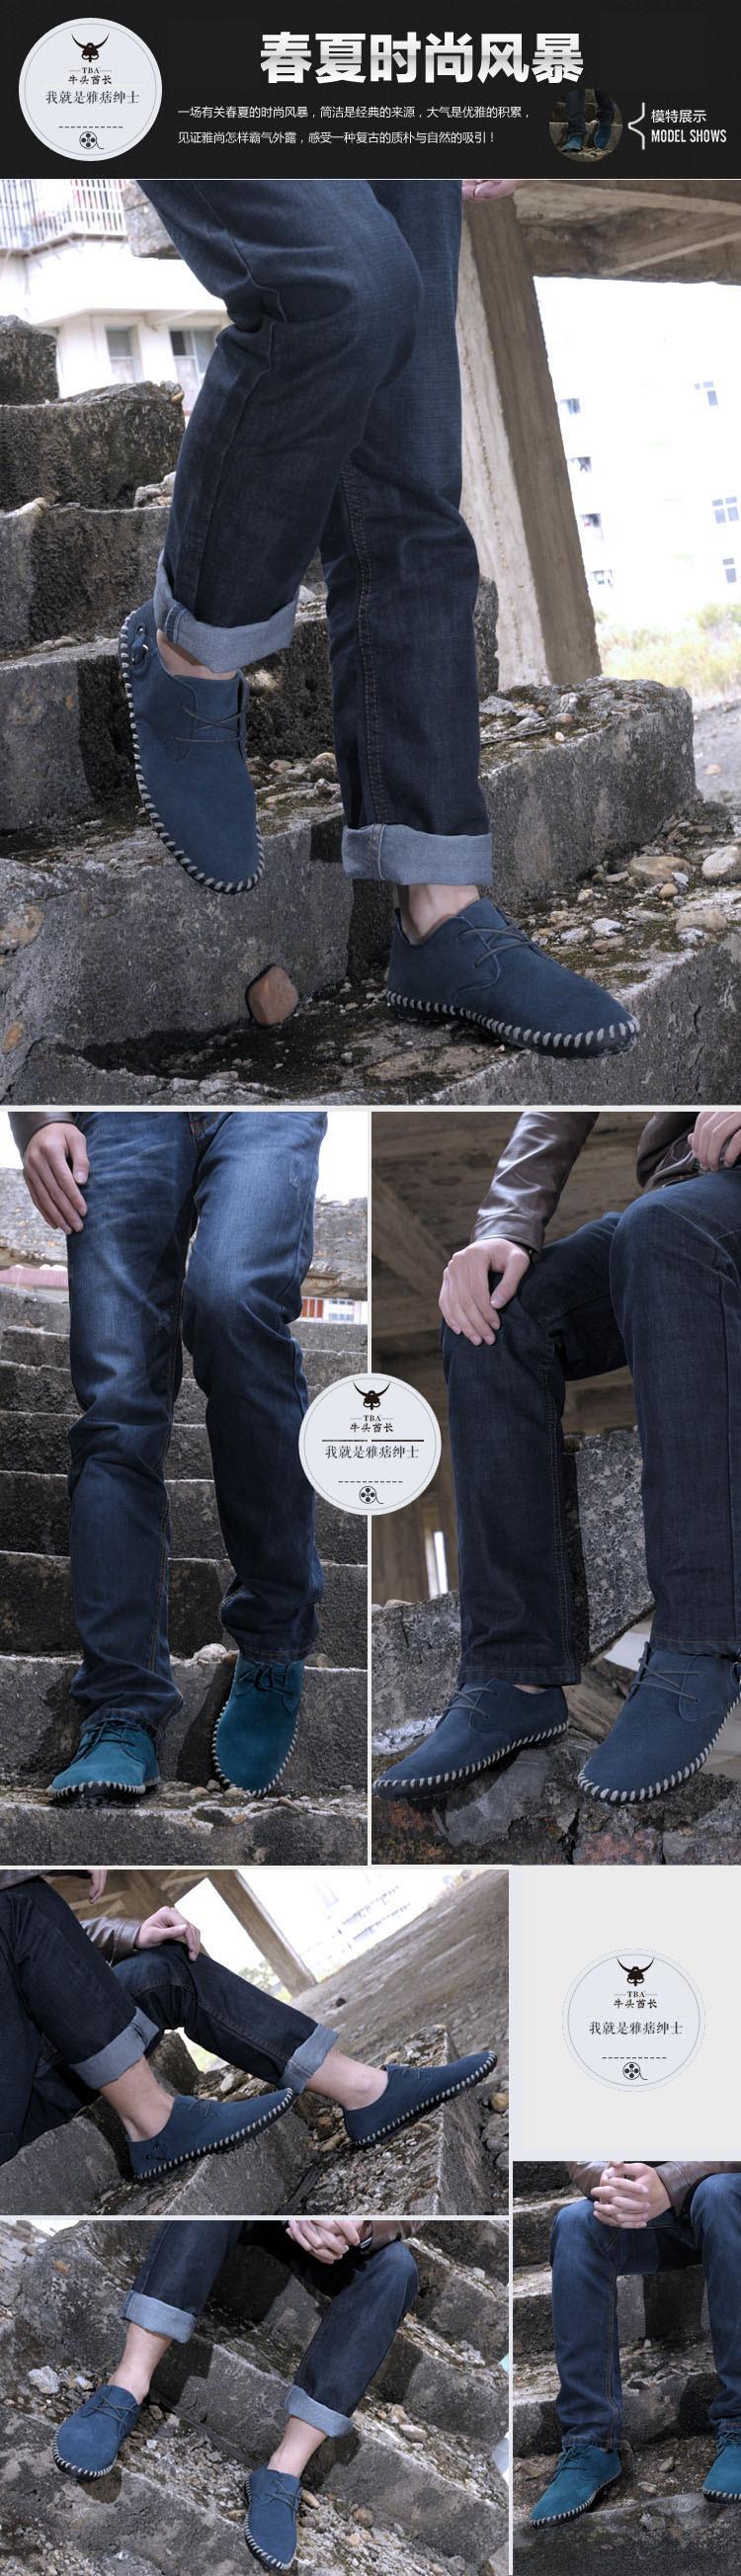 новинка лето мужские туфли ООО, breatheable кроссовки из натуральный кожи делает туфли для мужчин 5818